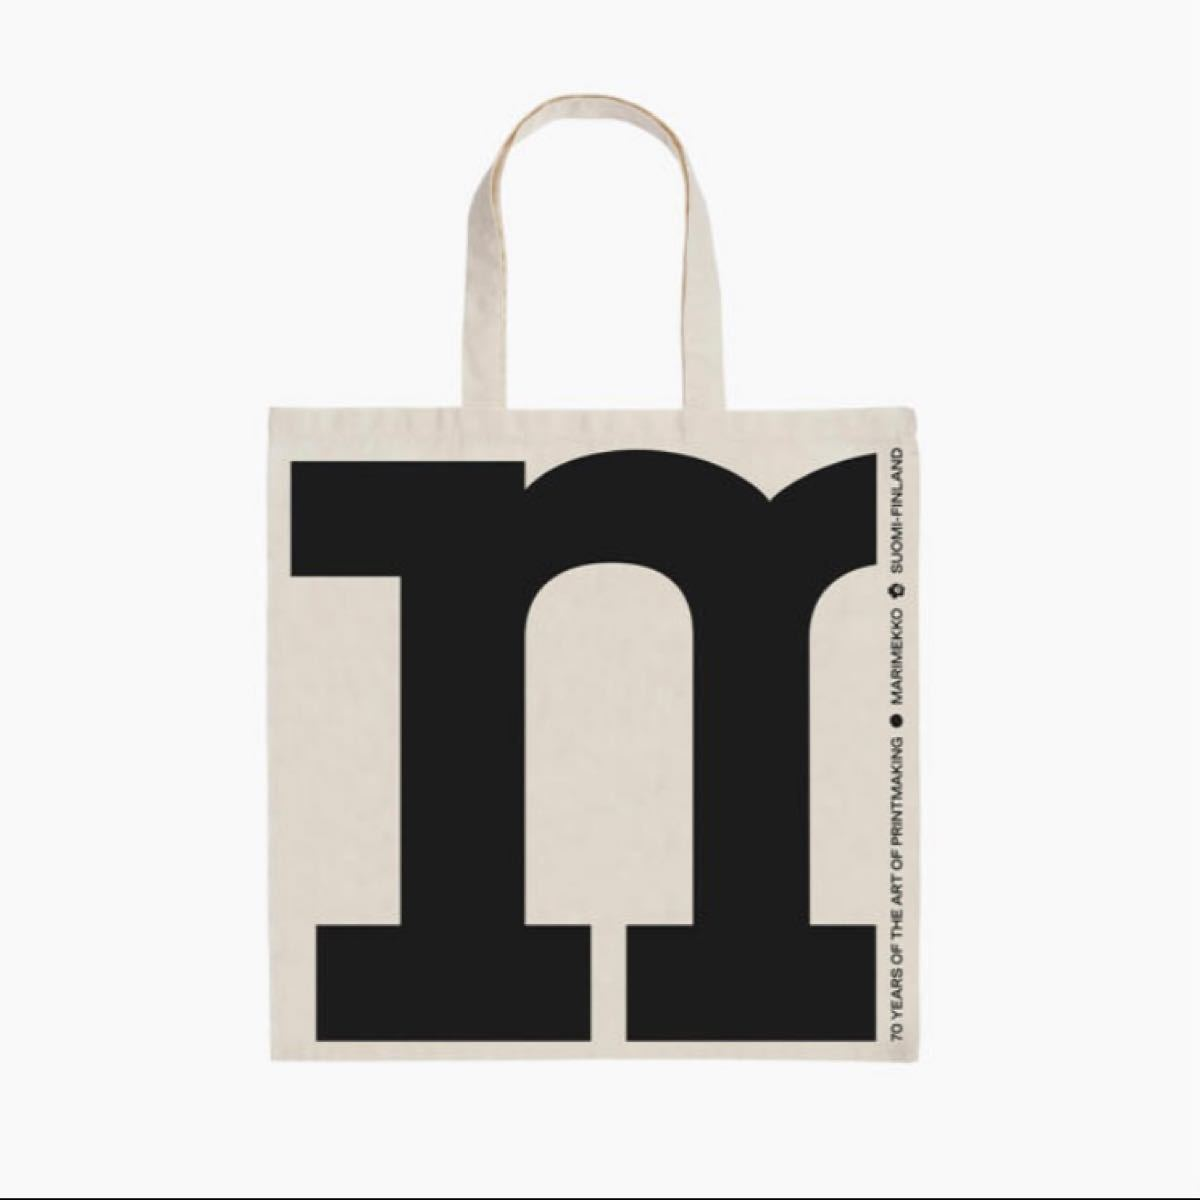 マリメッコ marimekko 70周年限定 トートバッグ